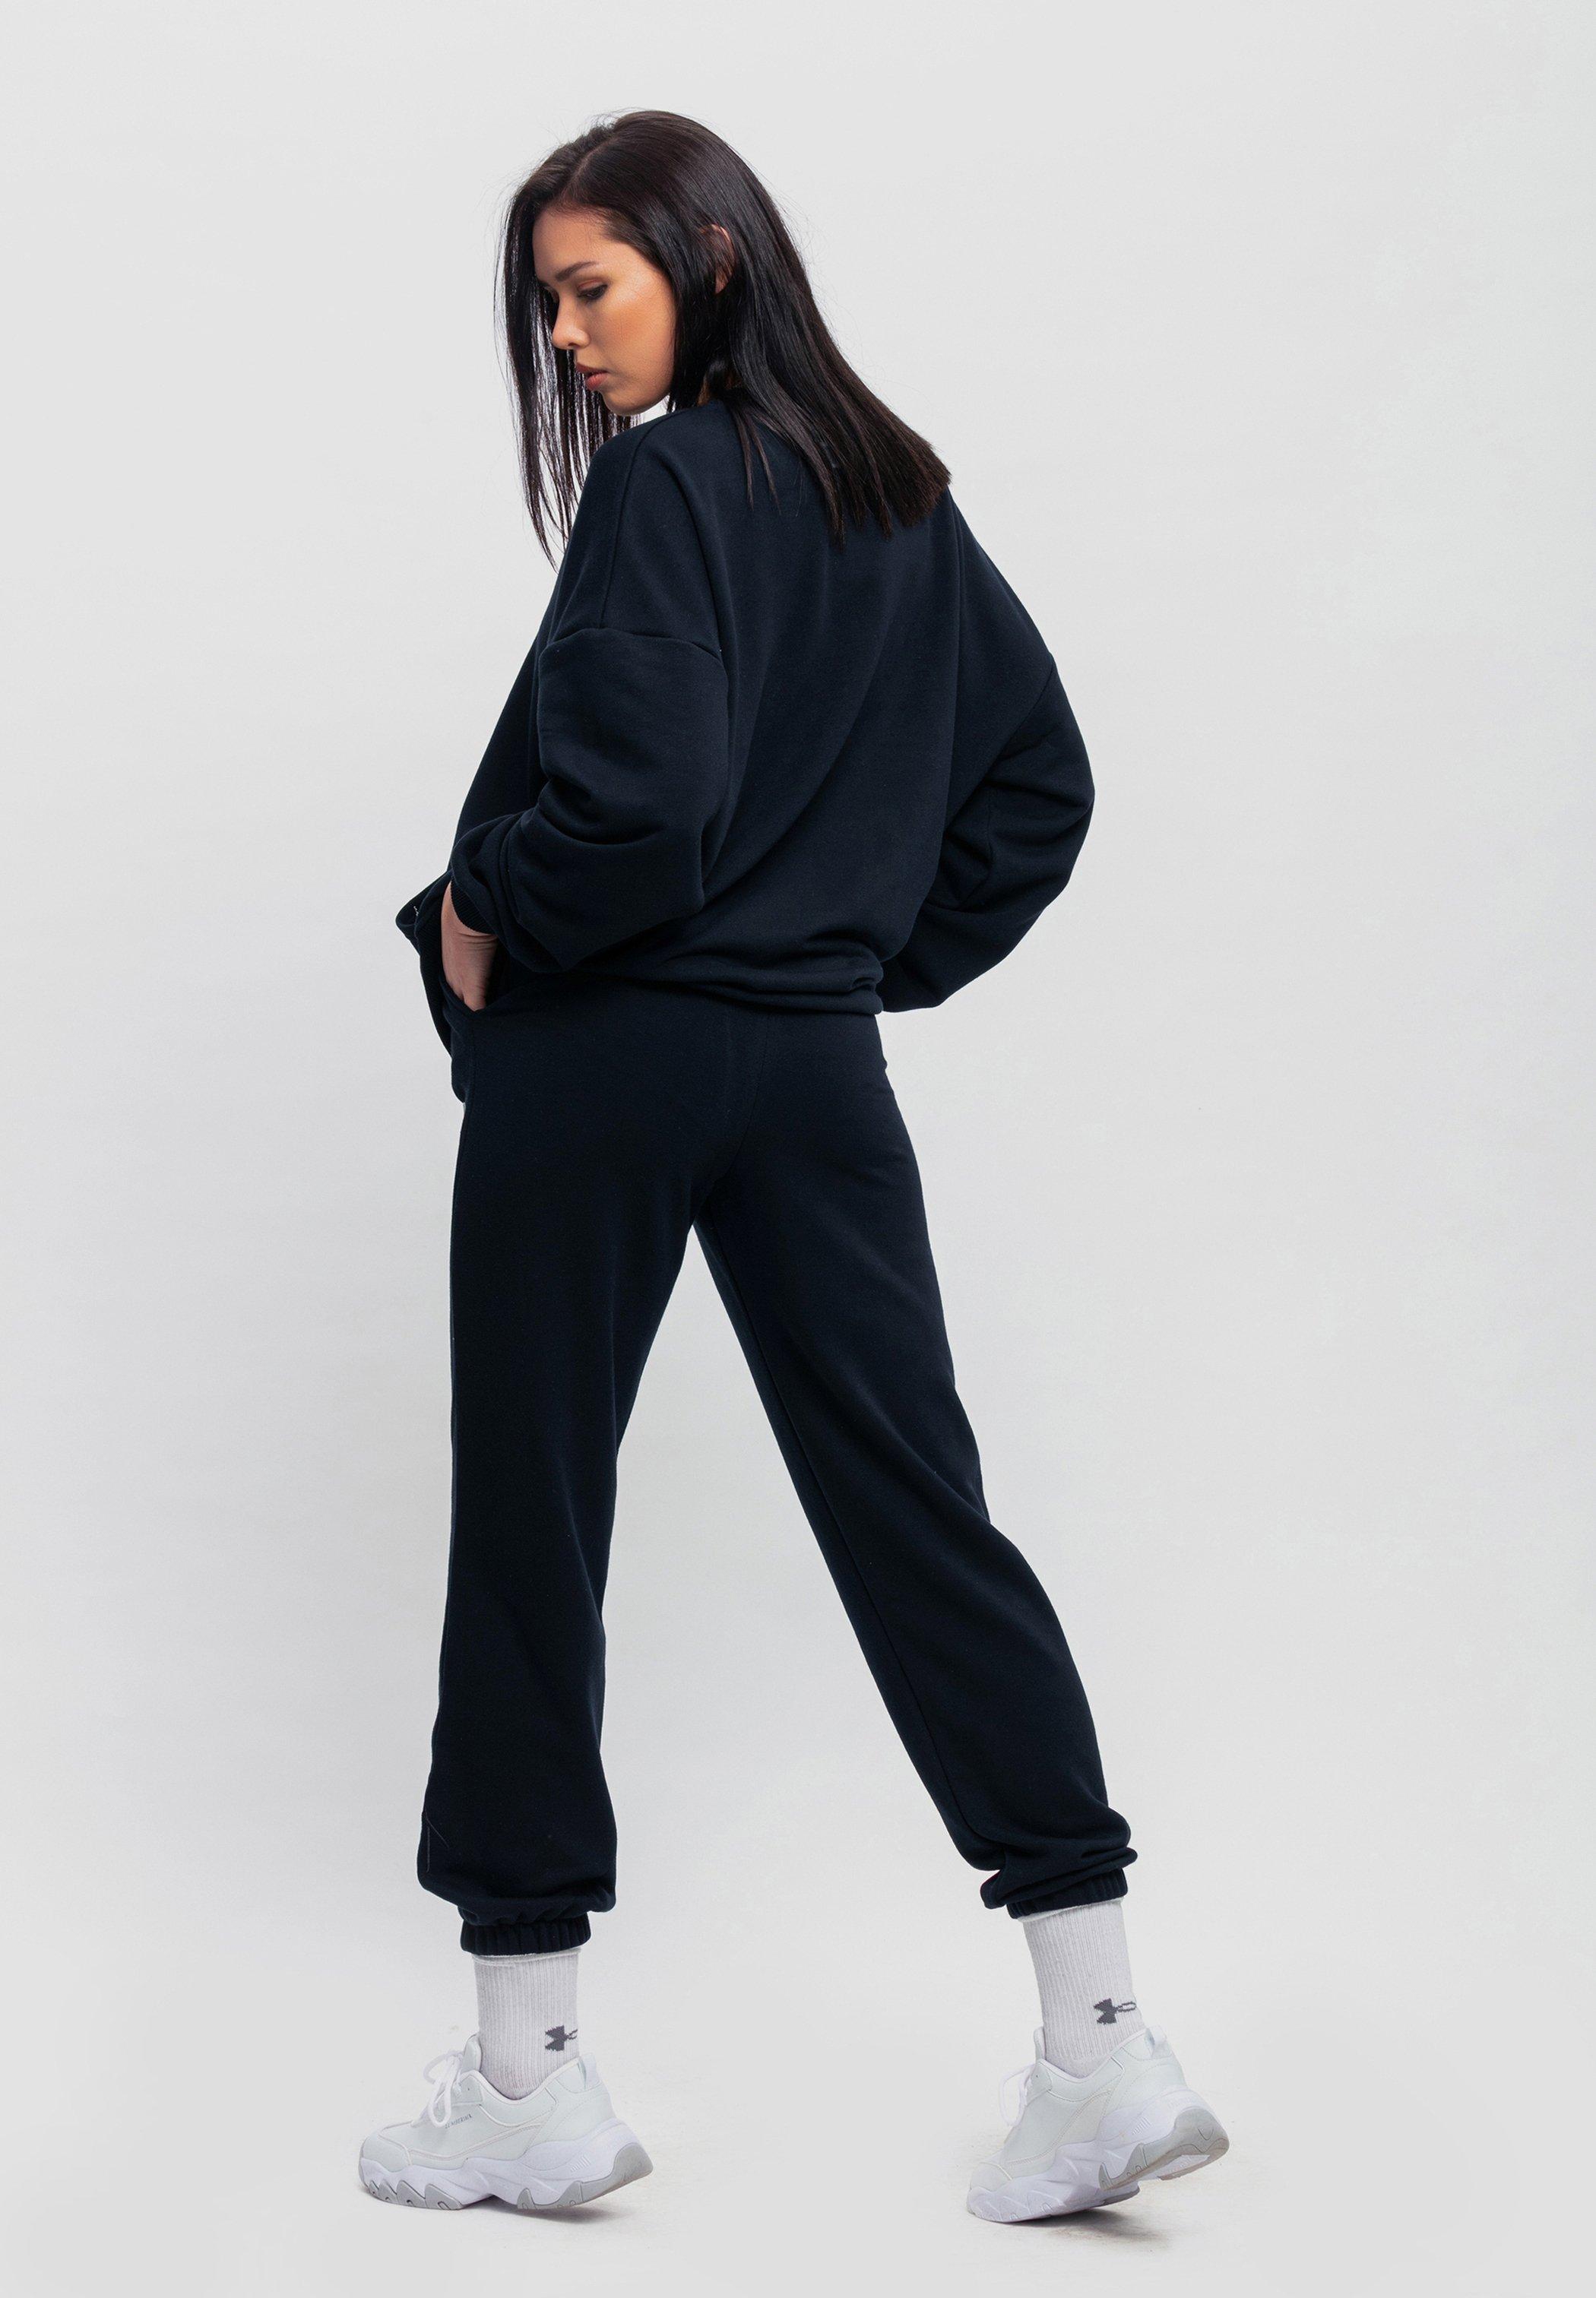 Damen Trainingsanzug